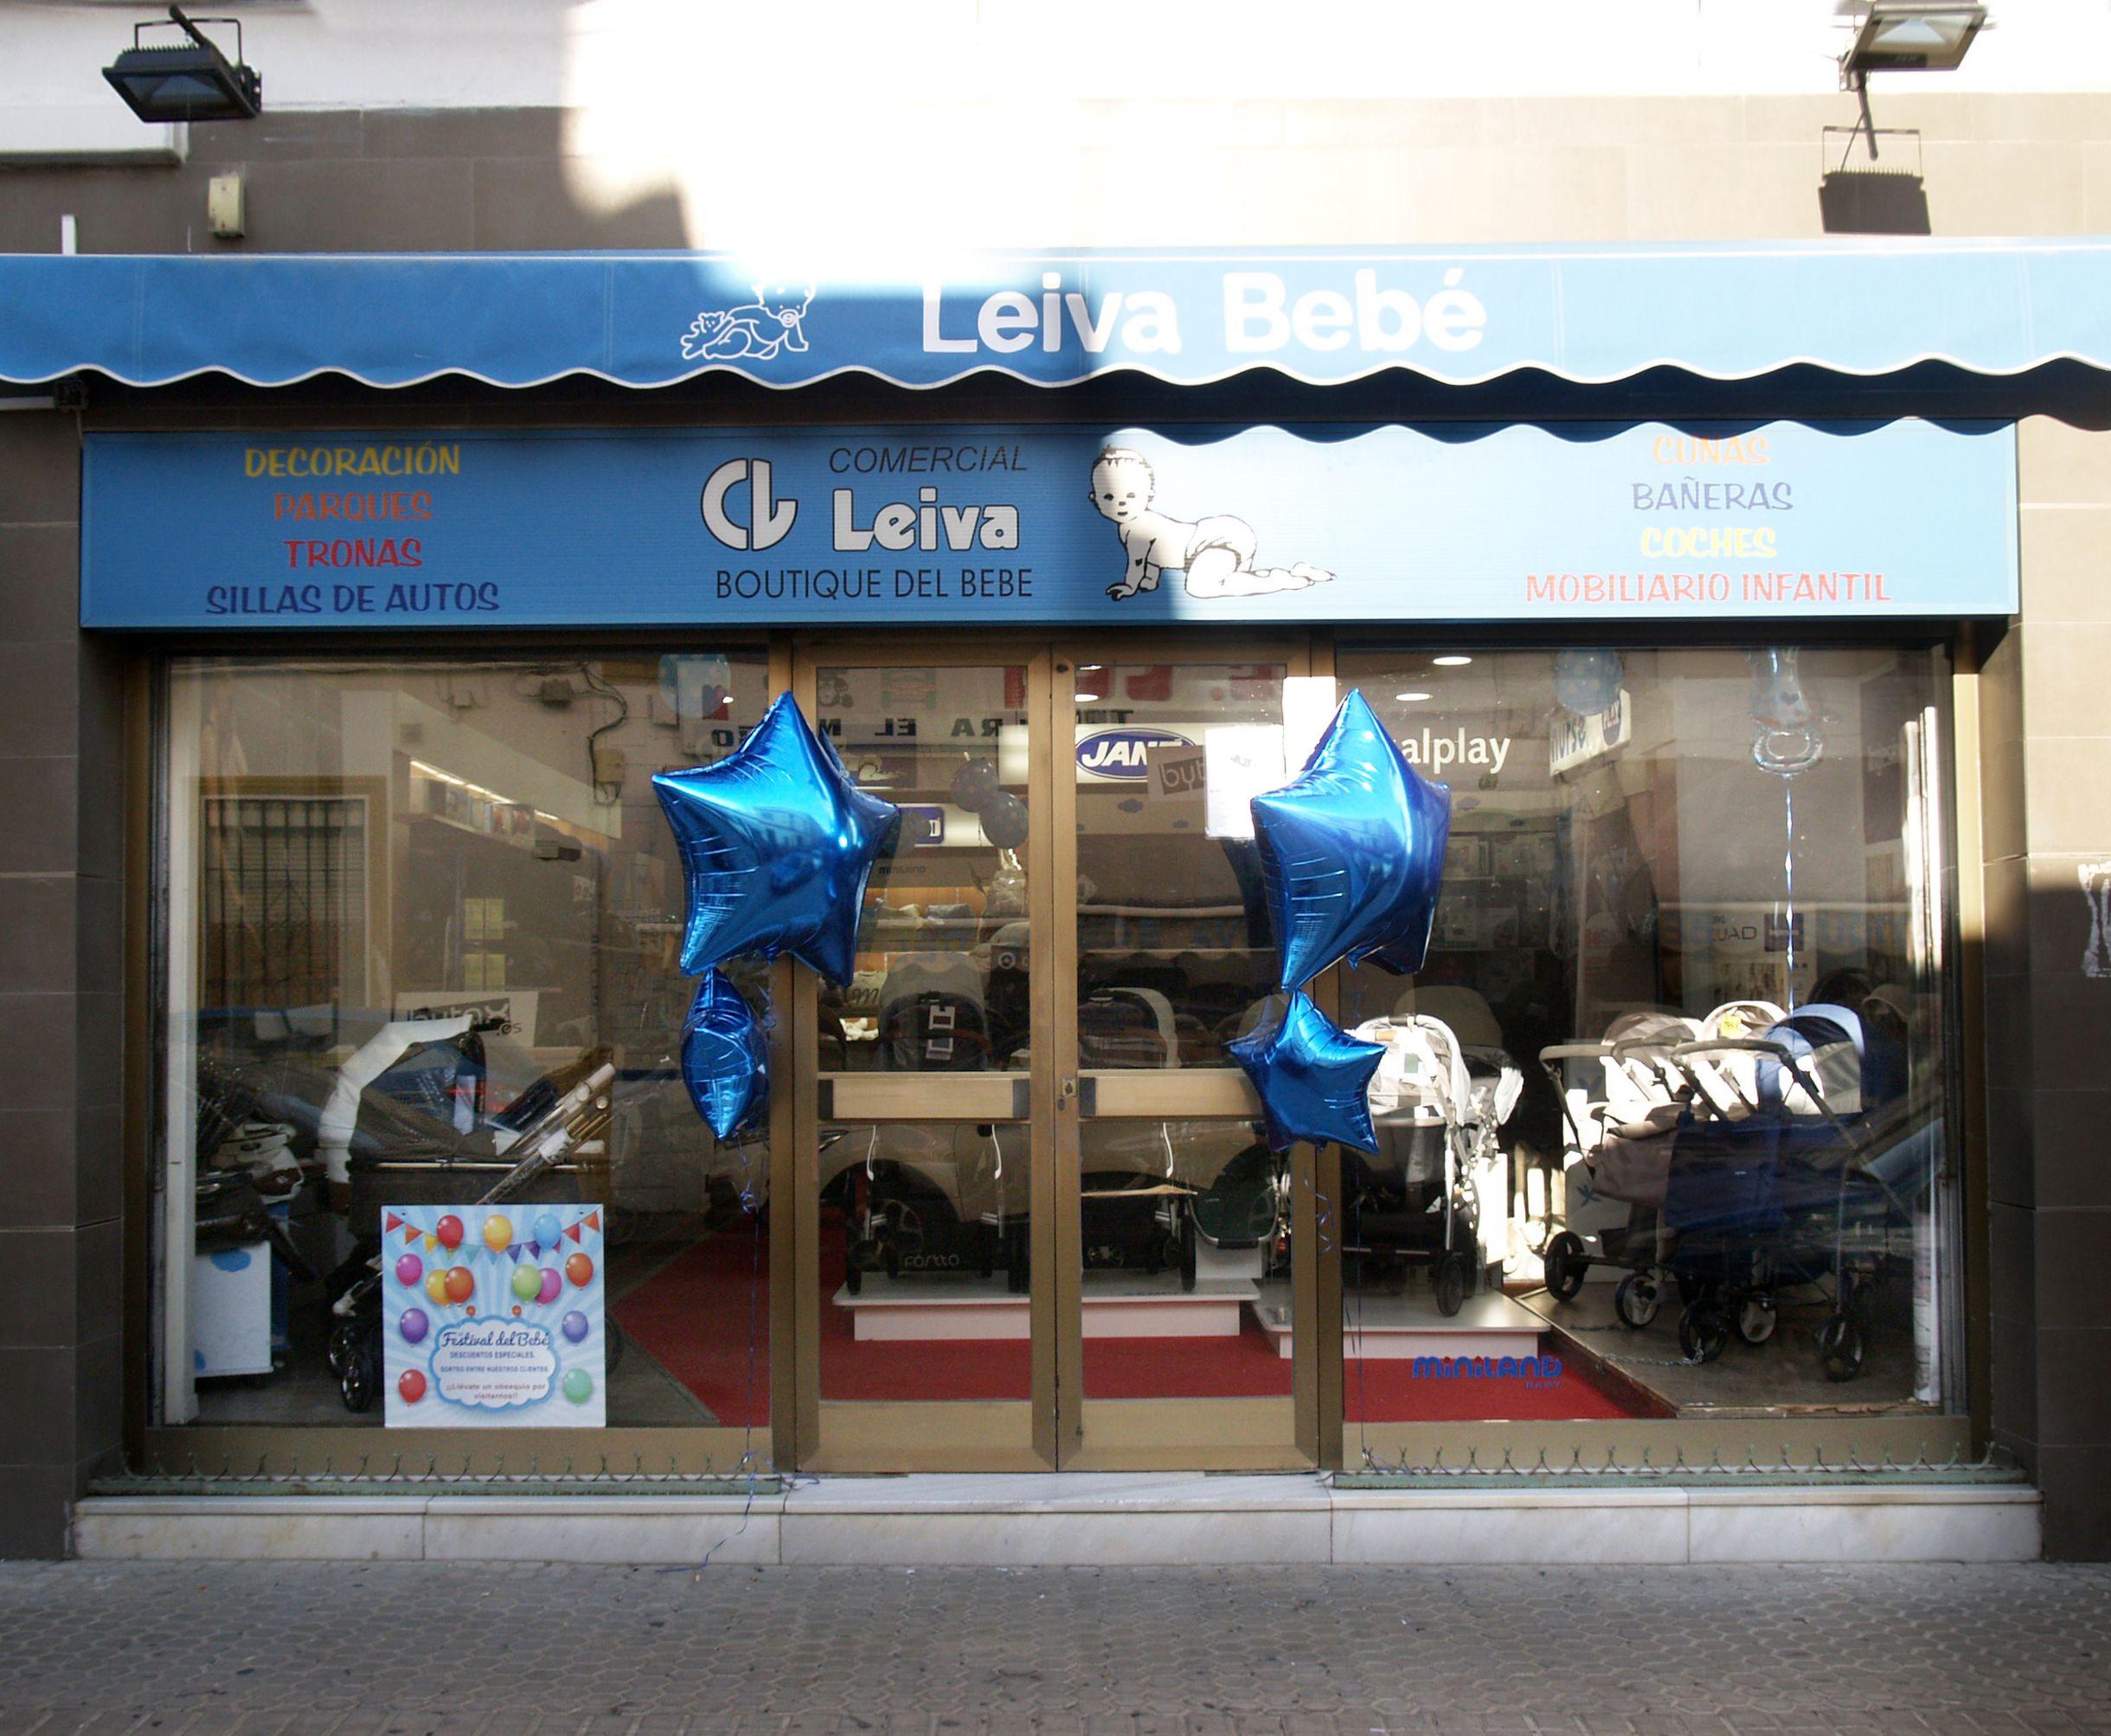 Fachada de la tienda en Sevilla